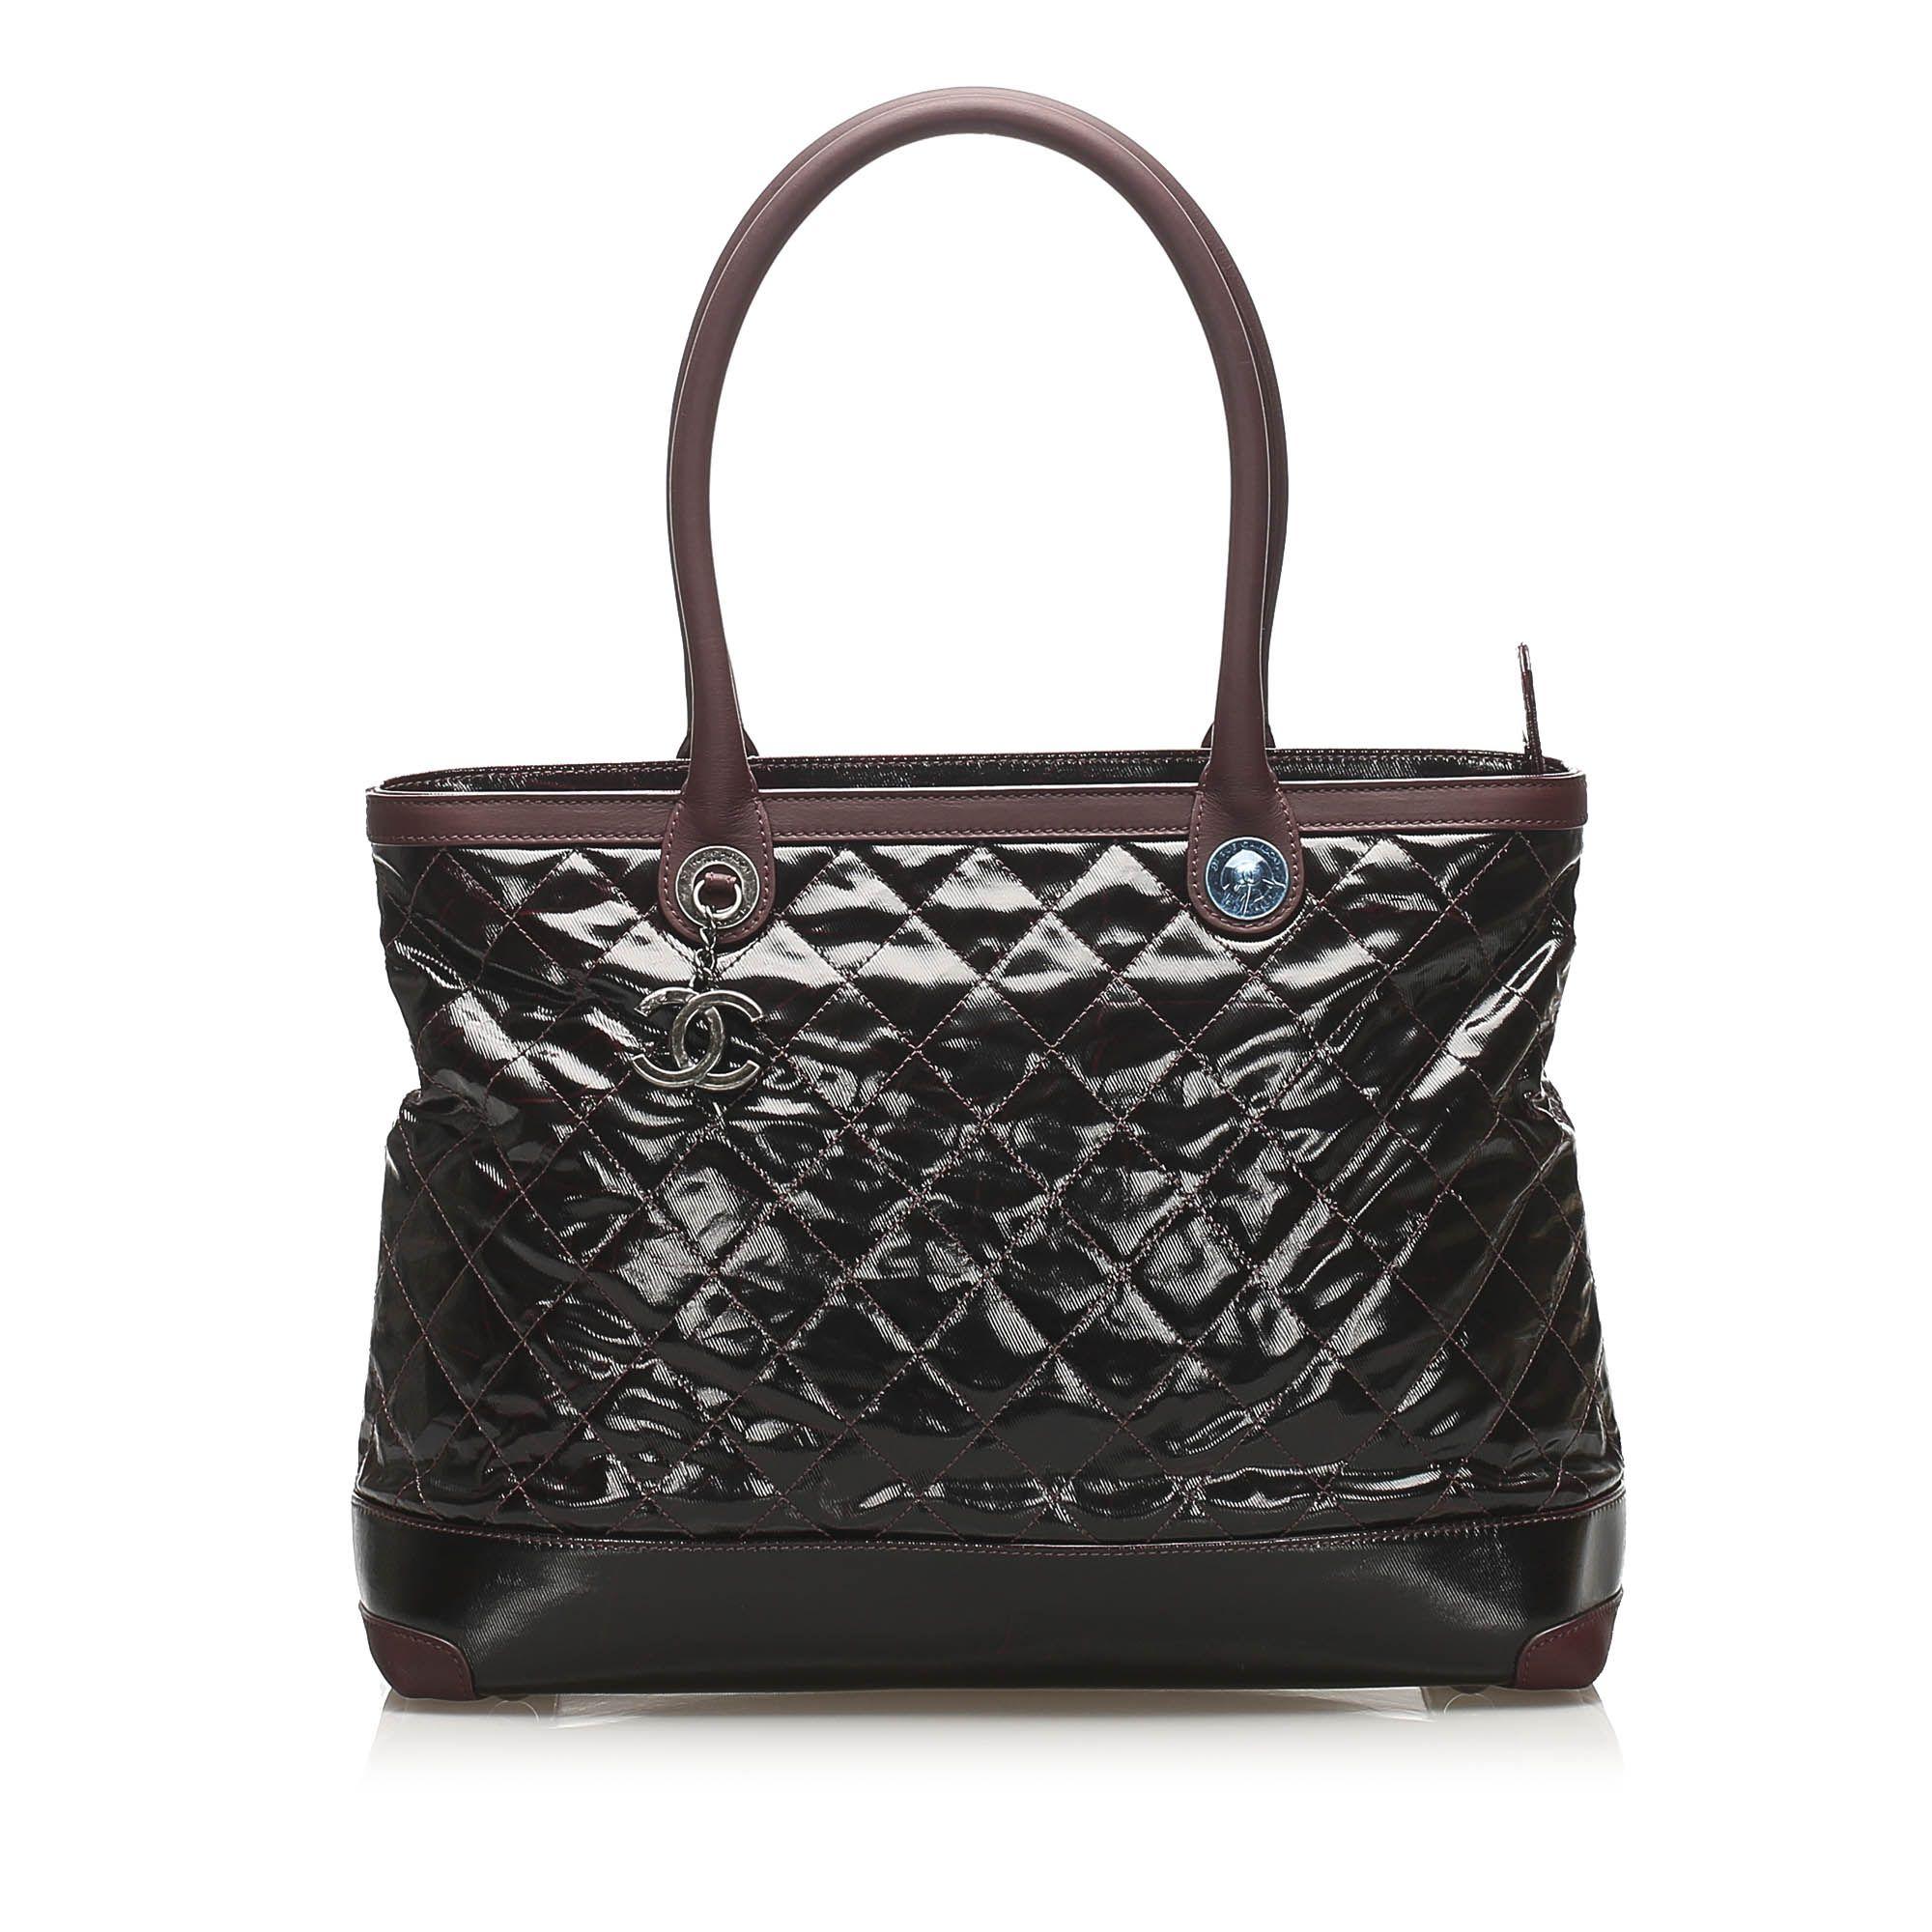 Vintage Chanel Matelasse Patent Leather Shoulder Bag Red